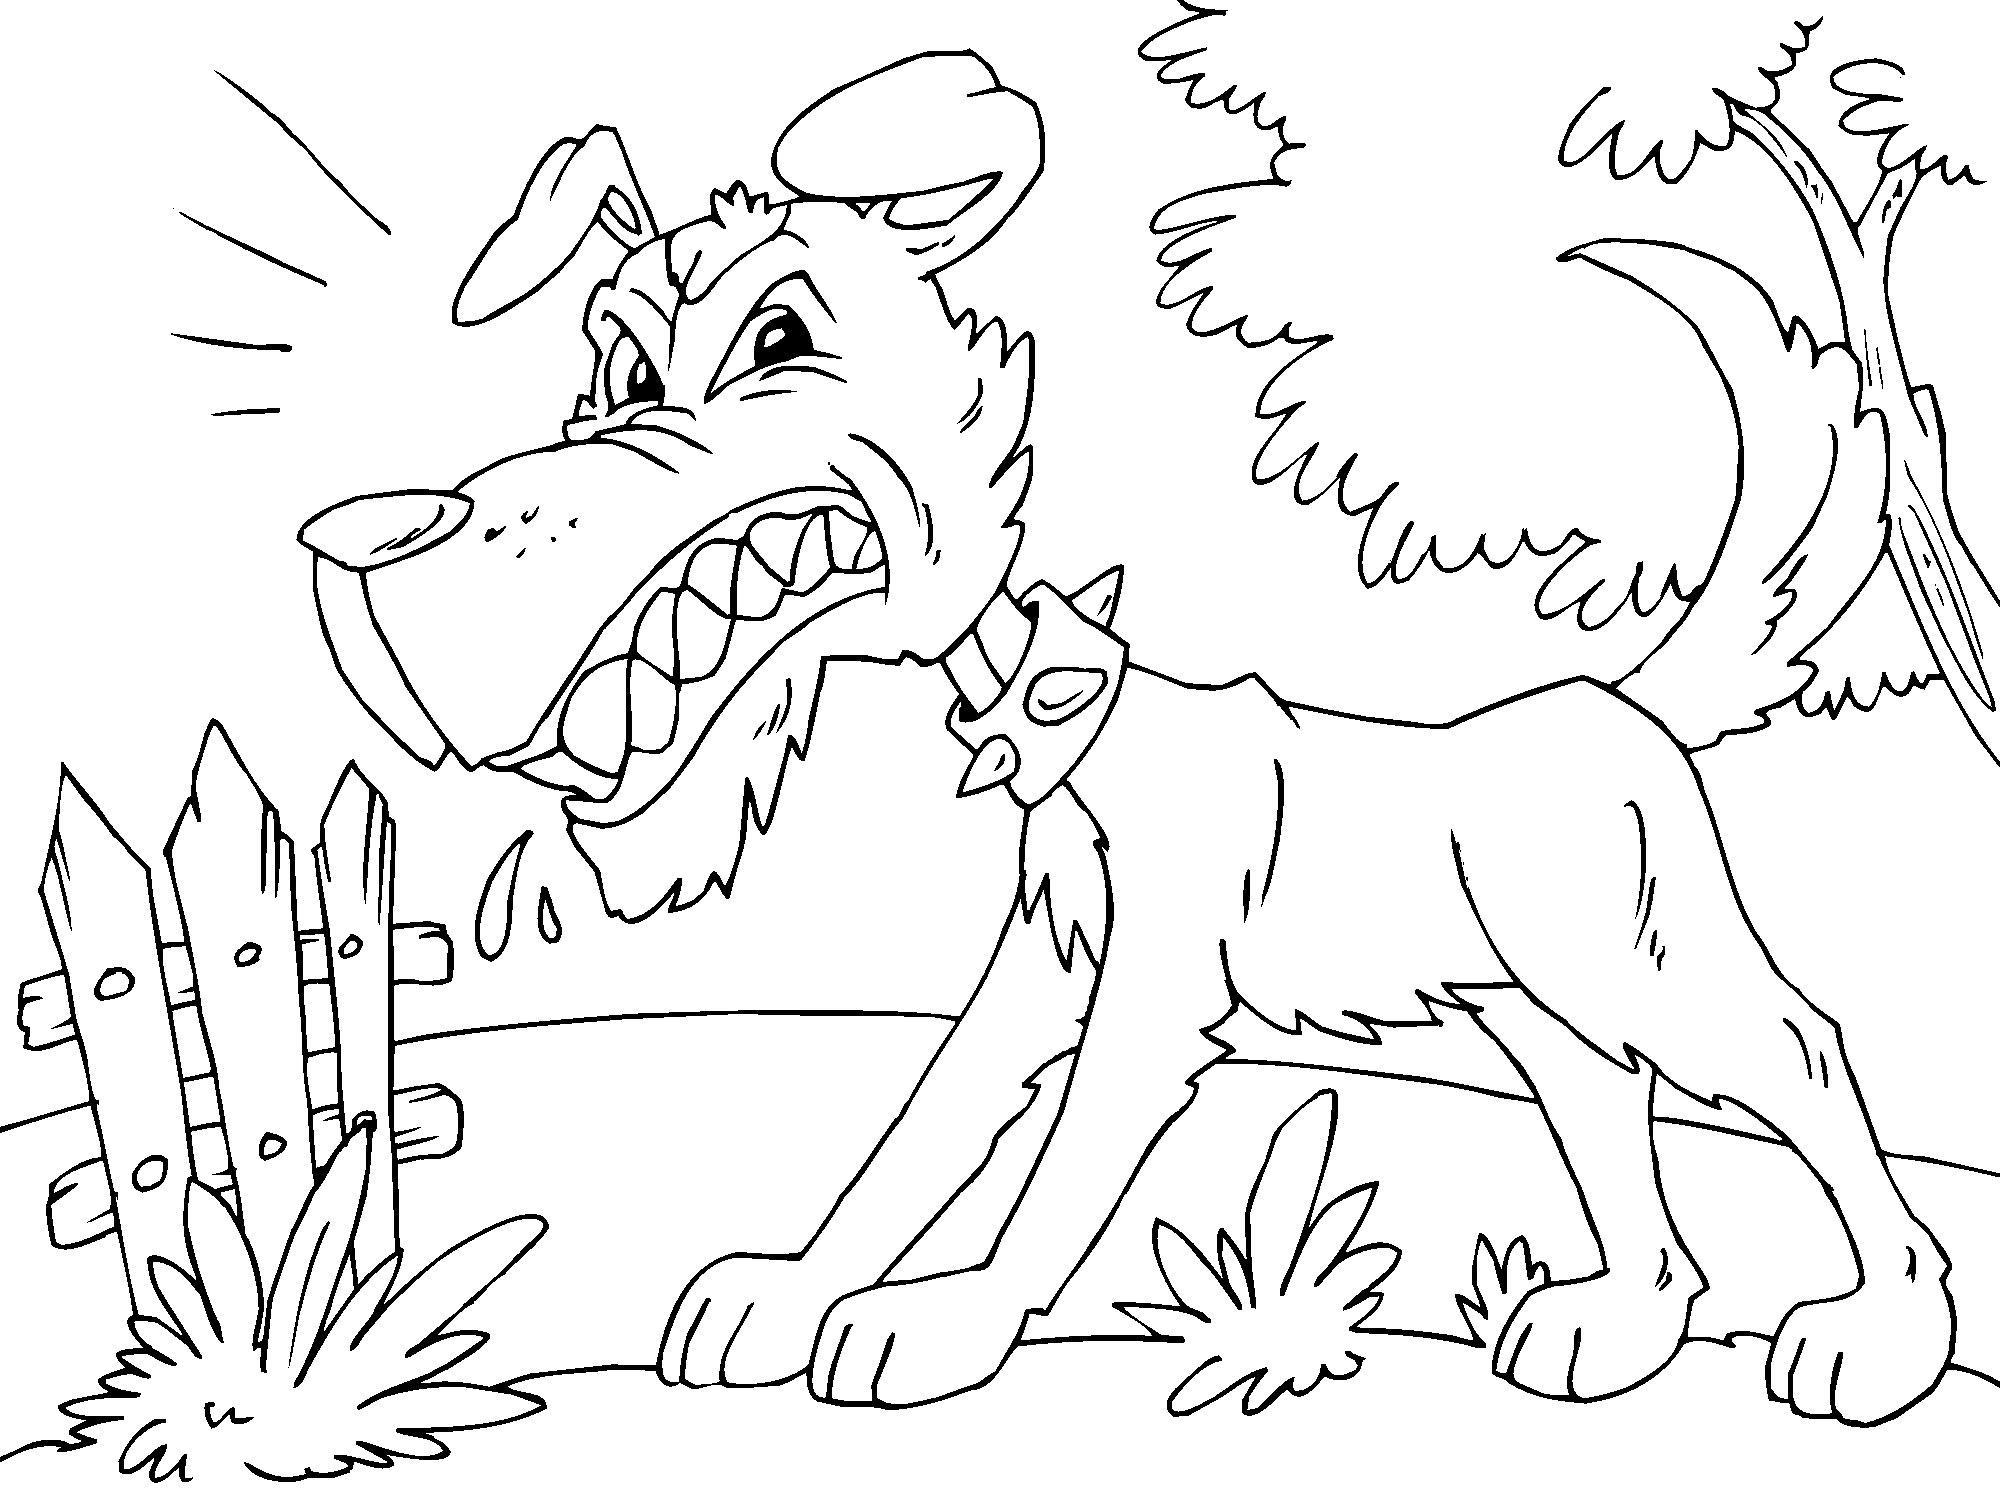 coloring page angry dog angry dog